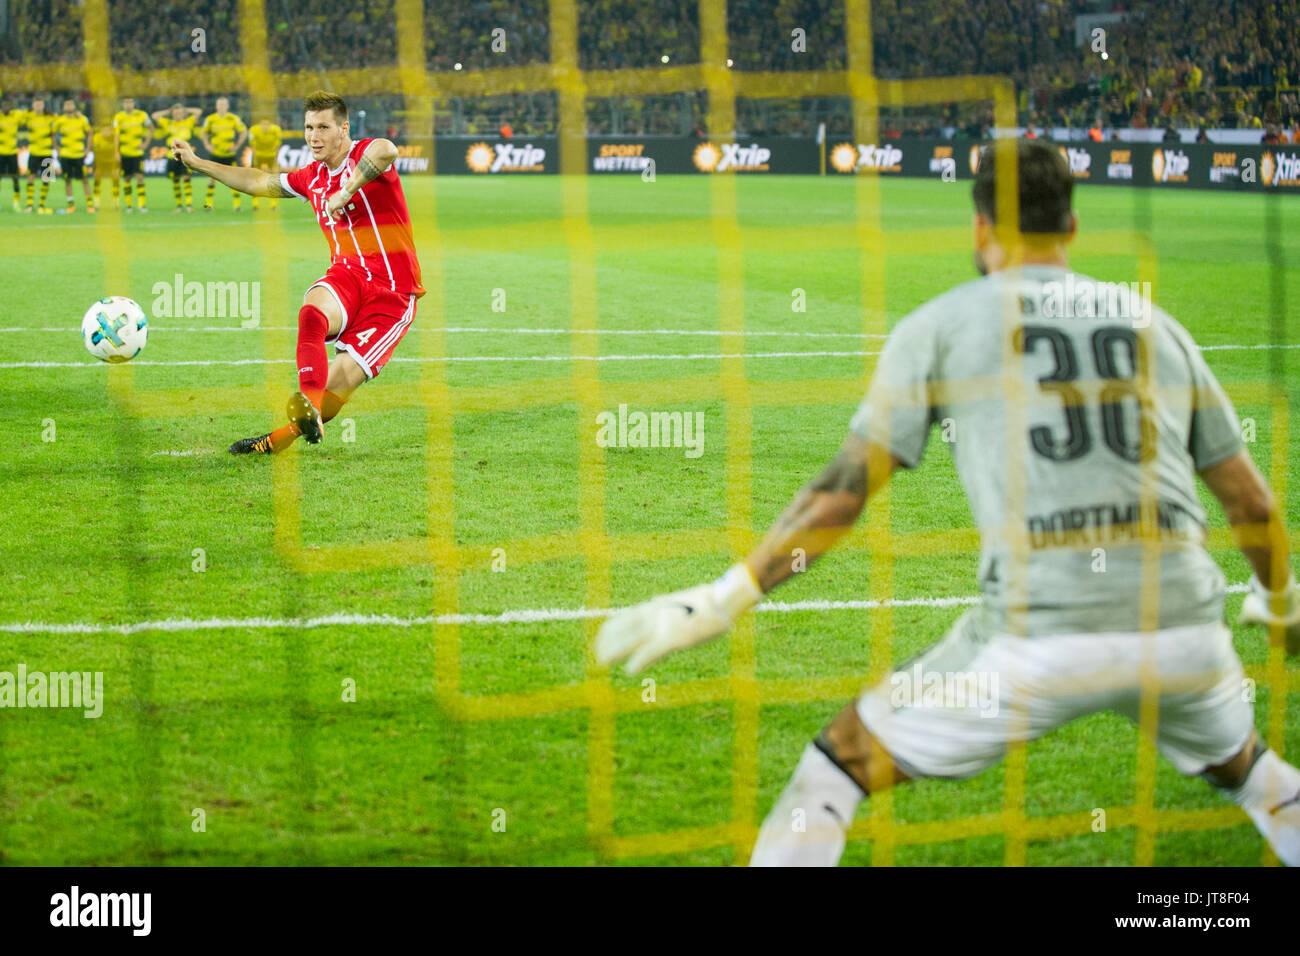 Dortmund, Deutschland. 05th Aug, 2017. Niklas SUELE (hi., S_le, M) schiesst gegen Torwart Roman BUERKI (B_rki, DO) einen Elfmeter, Aktion, Fussball DFL-Supercup 2017, Borussia Dortmund (DO)- FC Bayern Munich (M) 4:5 i.E., am 05.08.2017 in Dortmund/ Deutschland.   Verwendung weltweit Credit: dpa/Alamy Live News - Stock Image